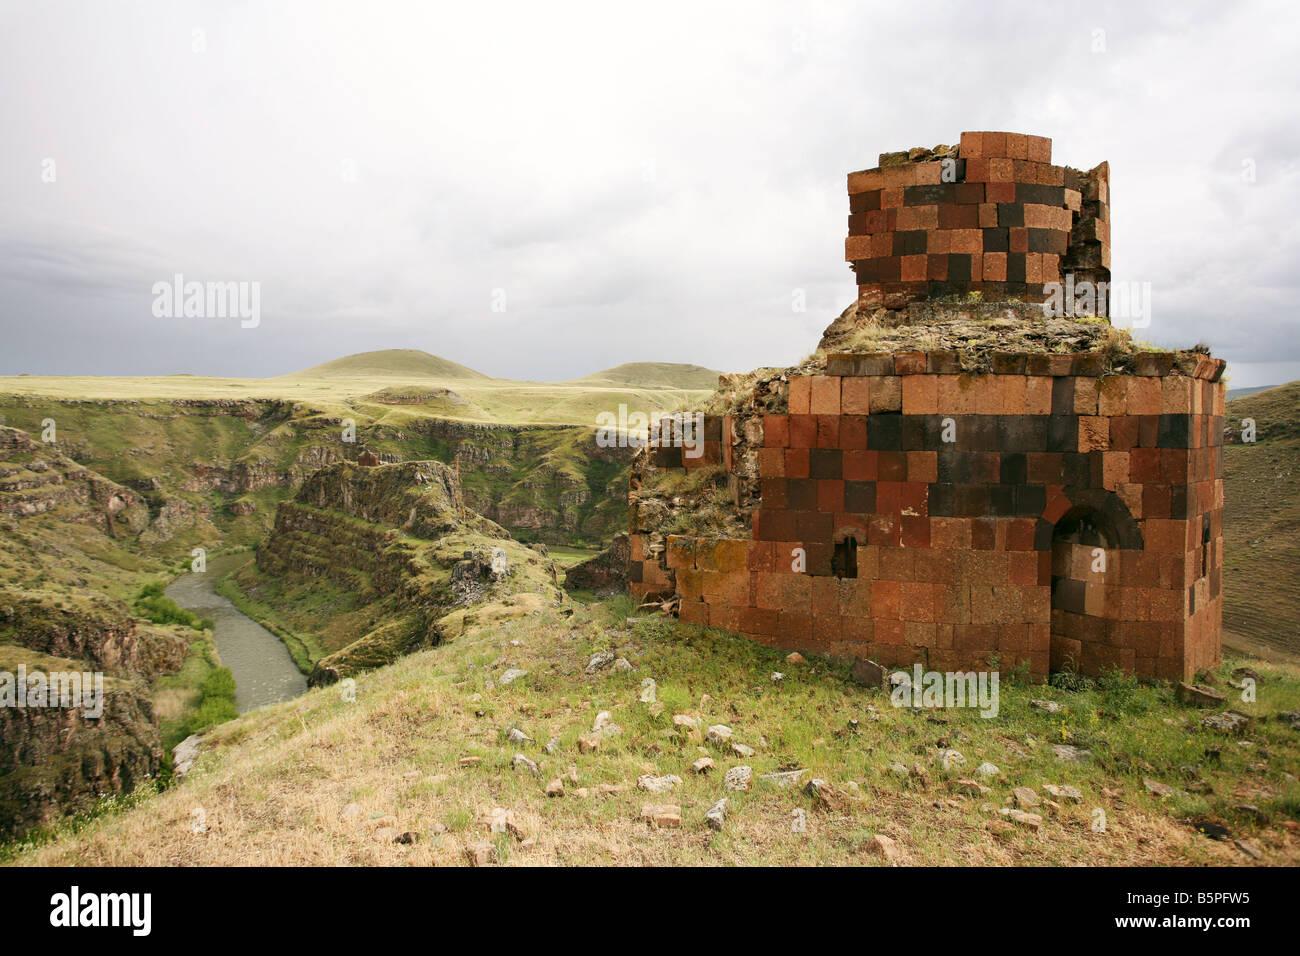 Olhando para Kizkale em Ani, a cidade velha agora abandonado, perto da fronteira com a Arménia Imagens de Stock